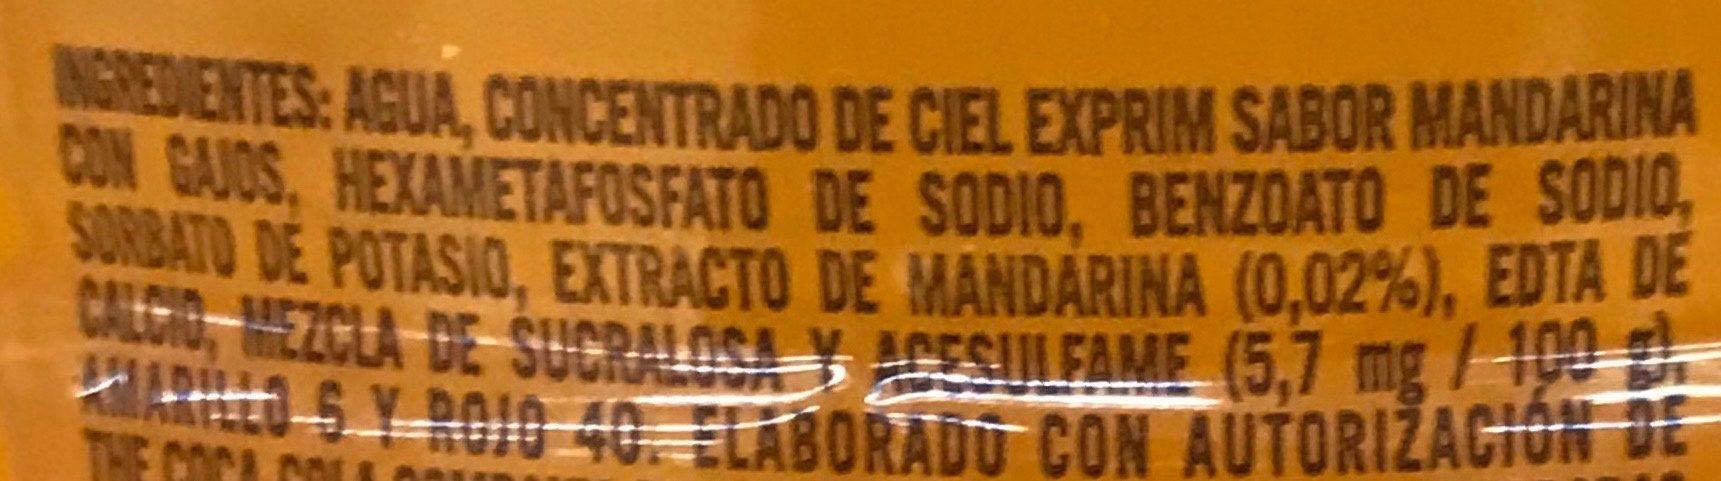 Ciel Exprim sabor Mandarina con Gajos - Ingrédients - es